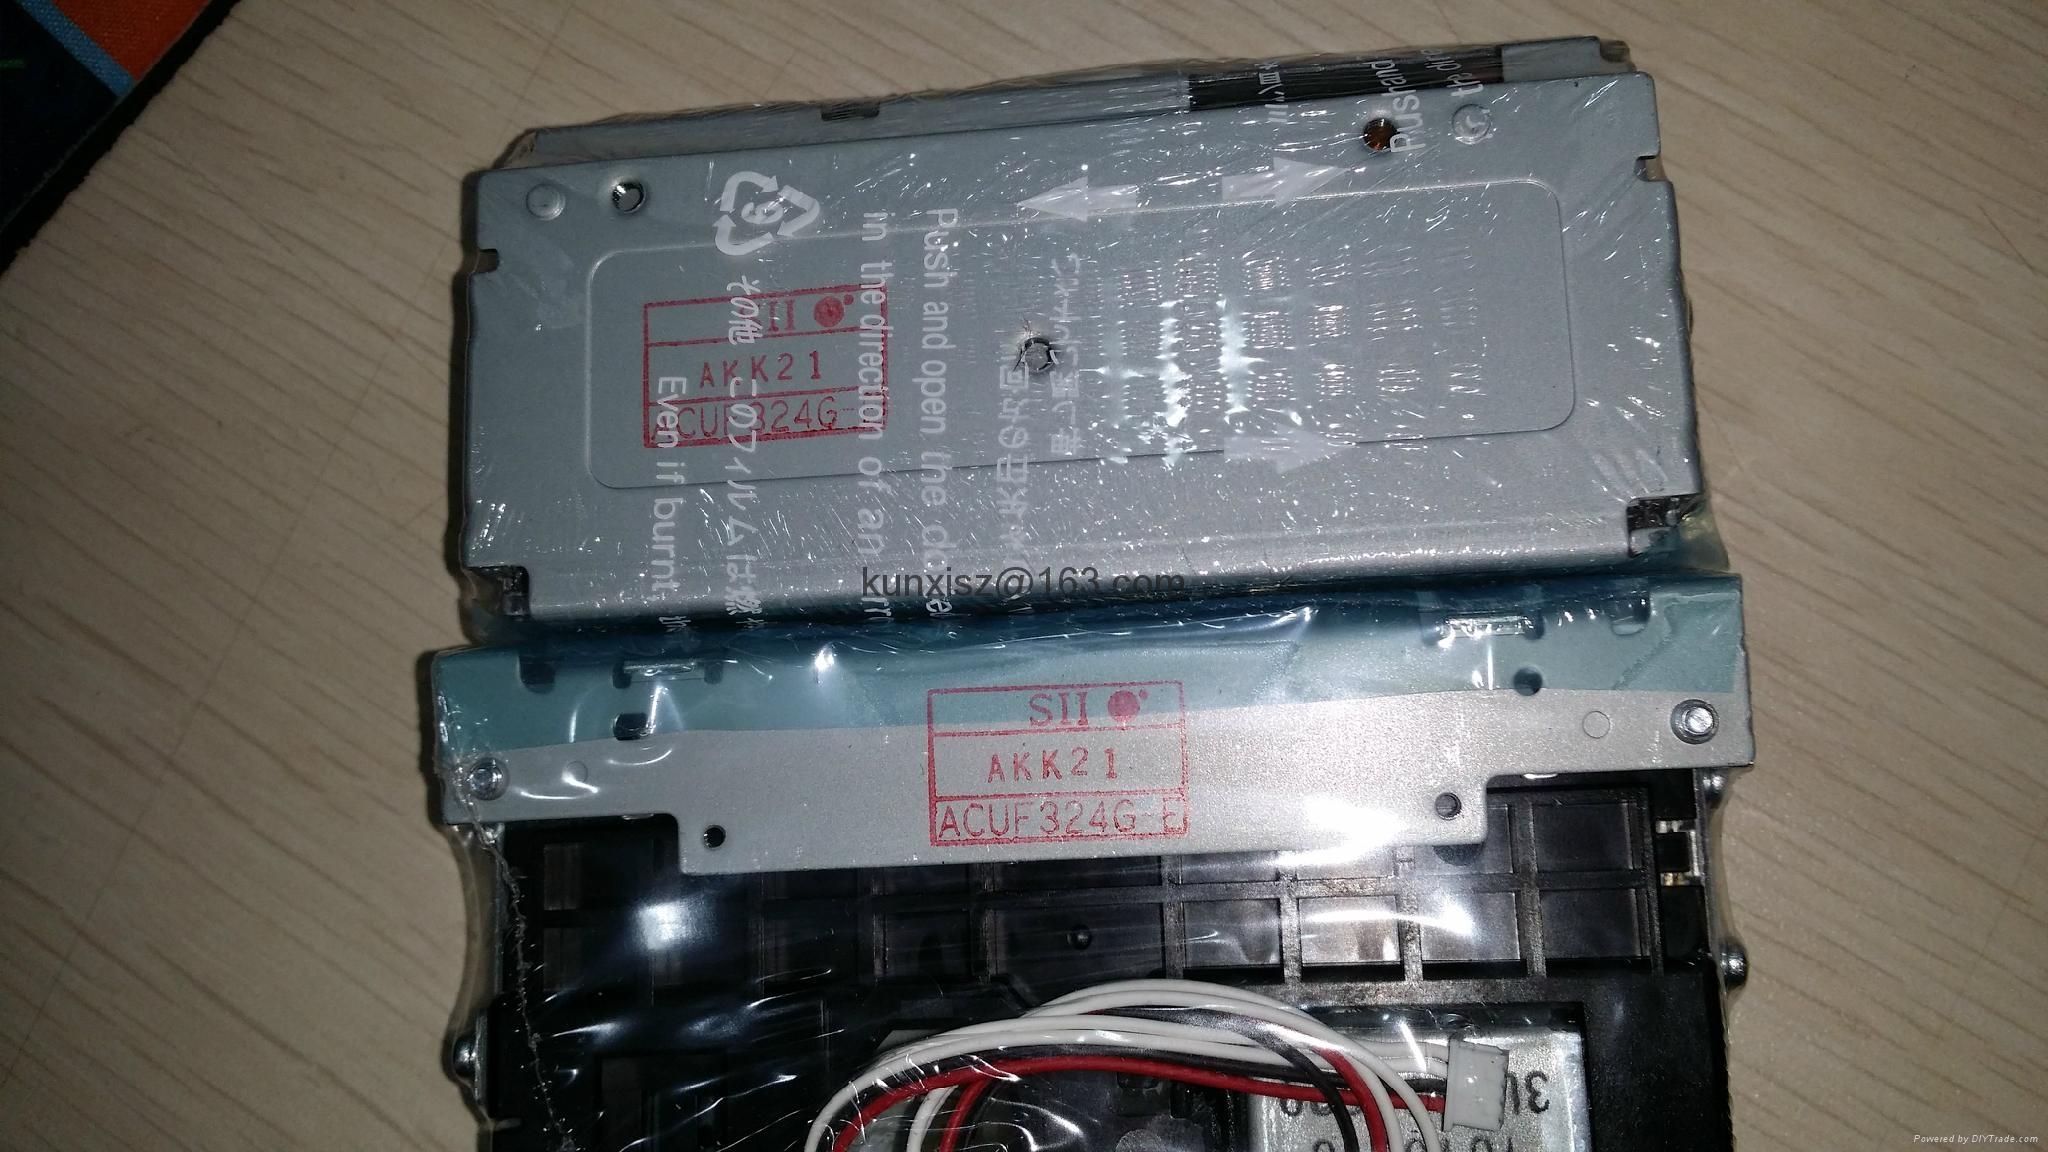 Seiko Cutter ACUF324G-E Receipt printer cutter 1